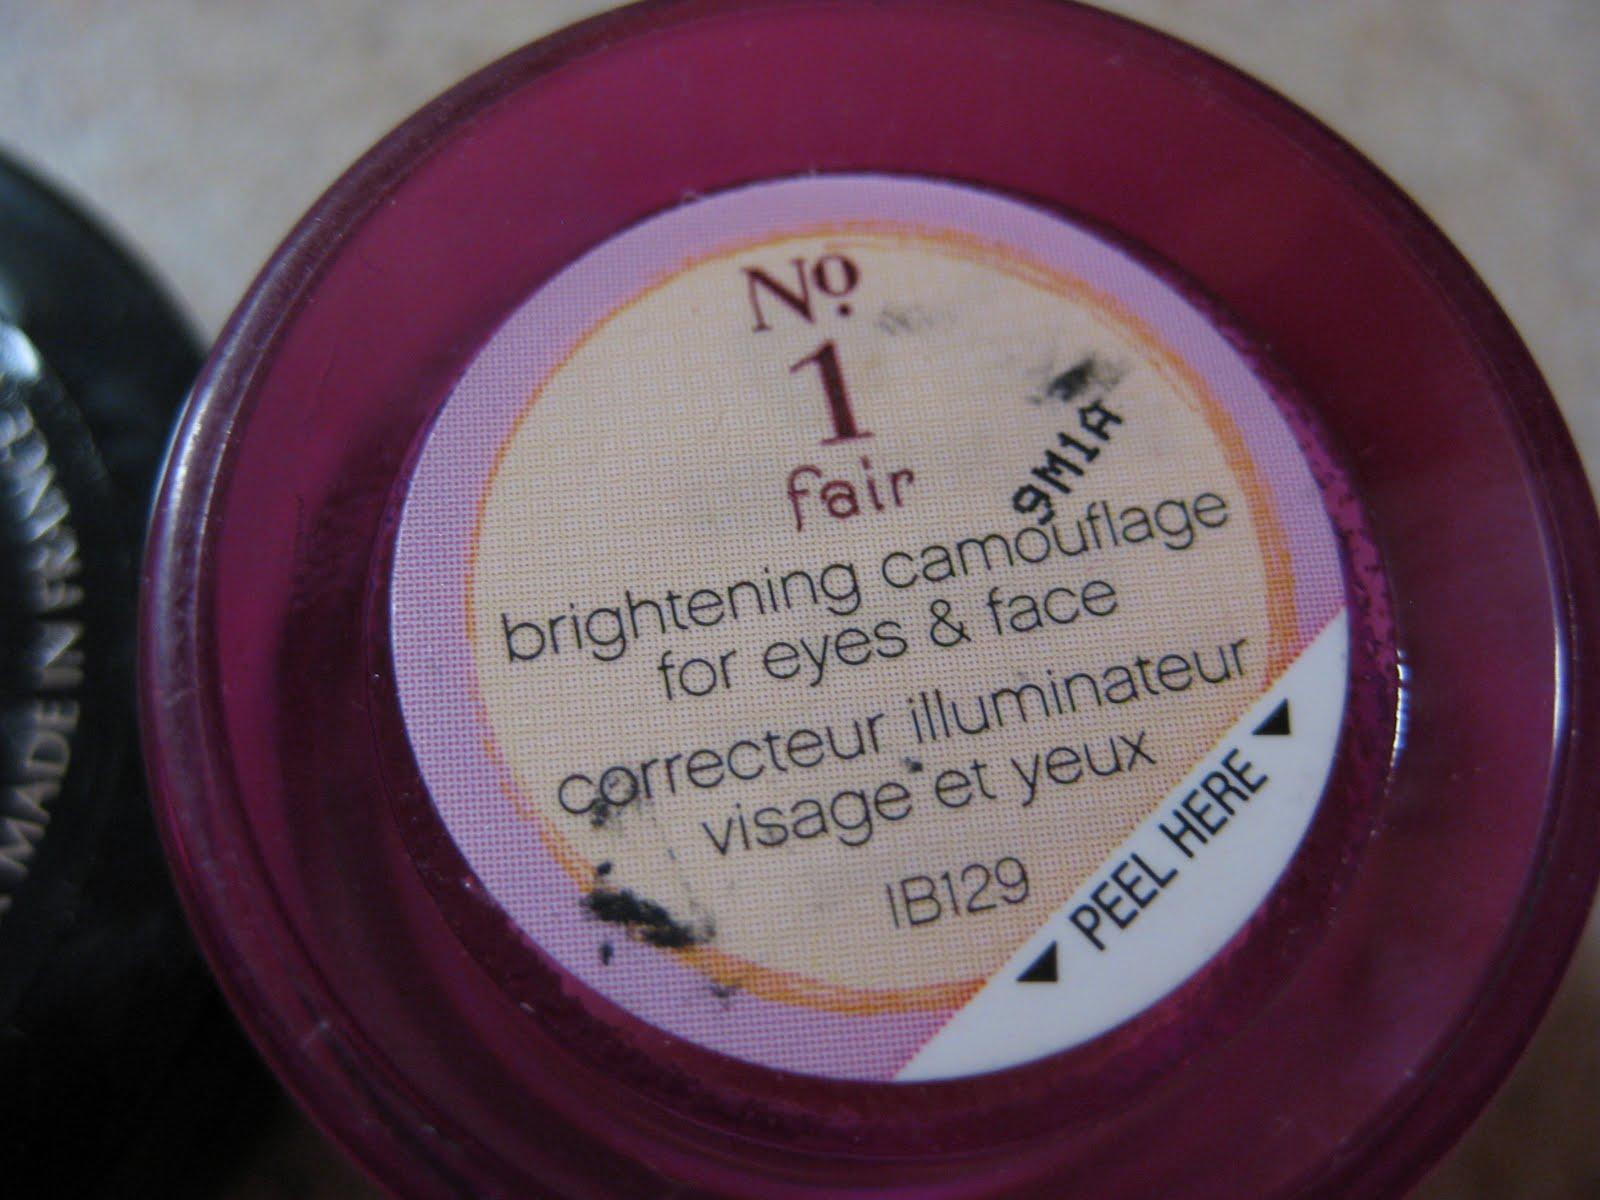 Beauty Babble: Comparison: Benefit's Erase Paste vs Boi-ing Concealer